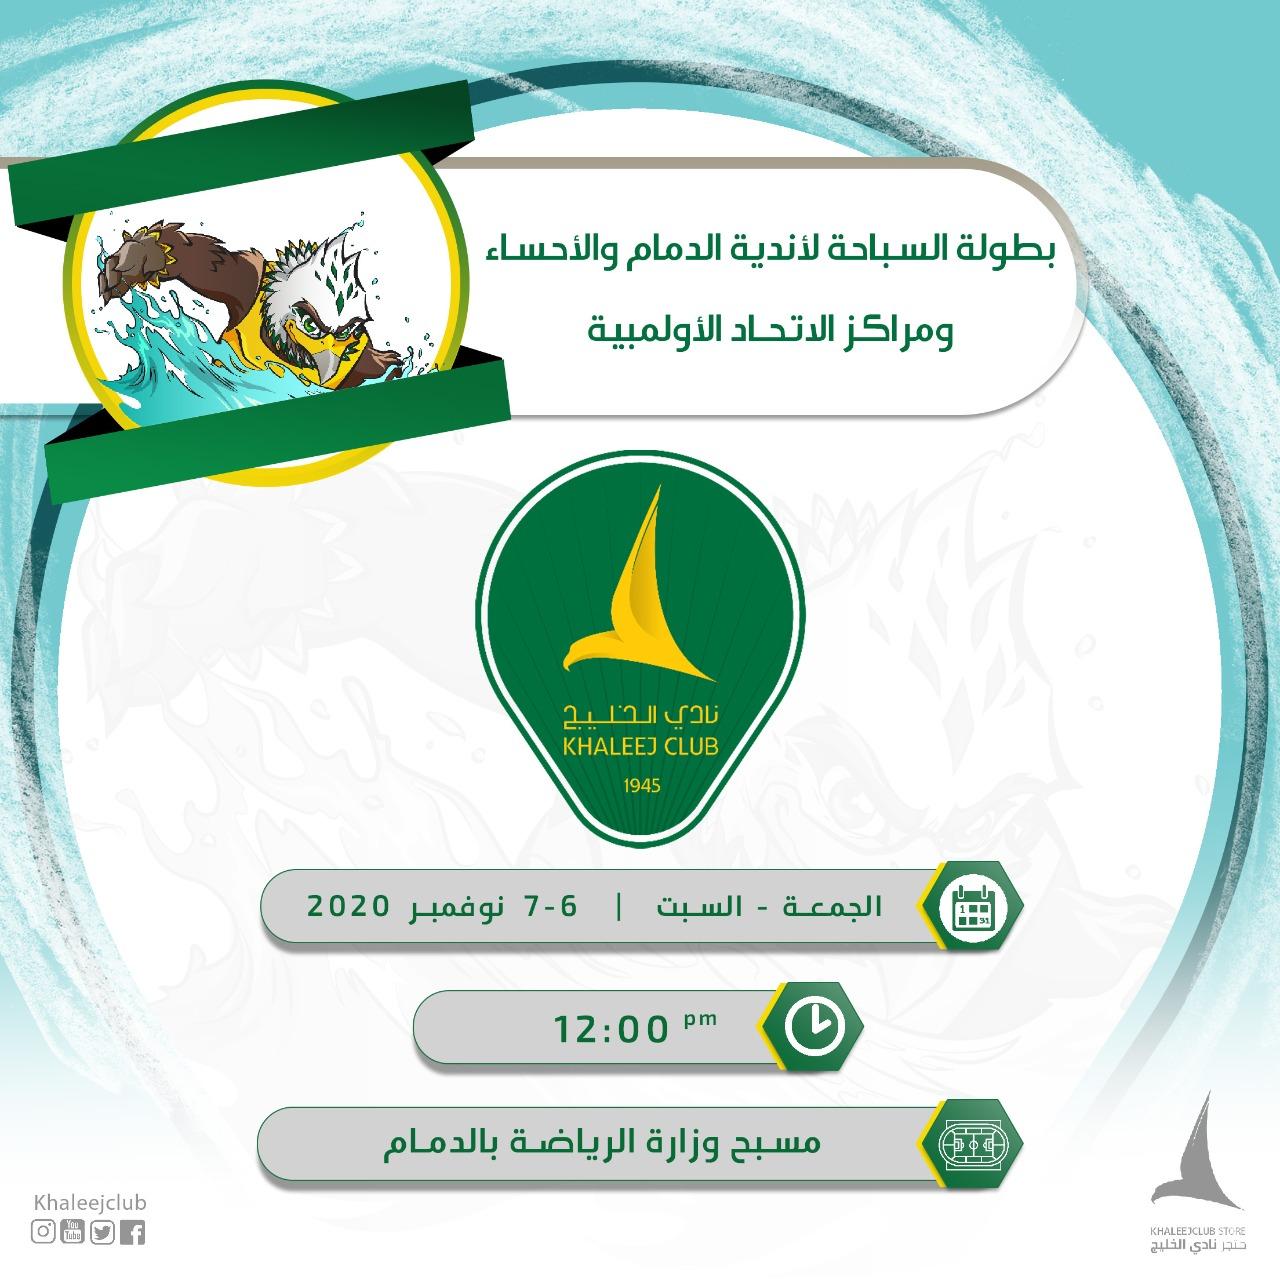 سباحة الخليج تشارك في بطولة منطقة أندية الدمام